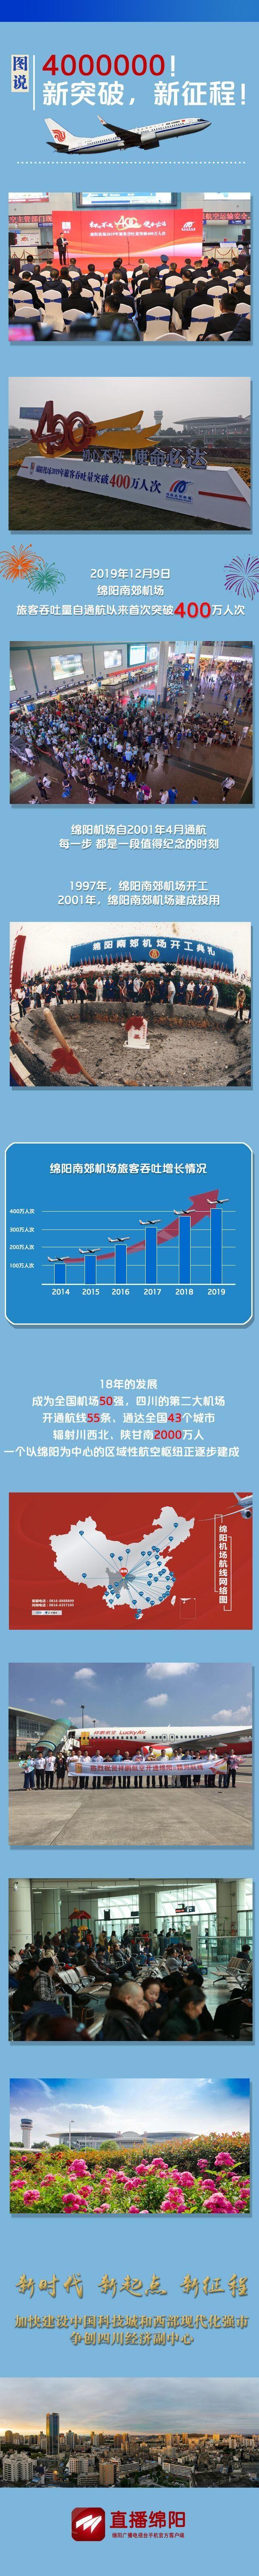 图片来源:绵阳广播电视台,记者:冯宝安,制图:谷镇祥